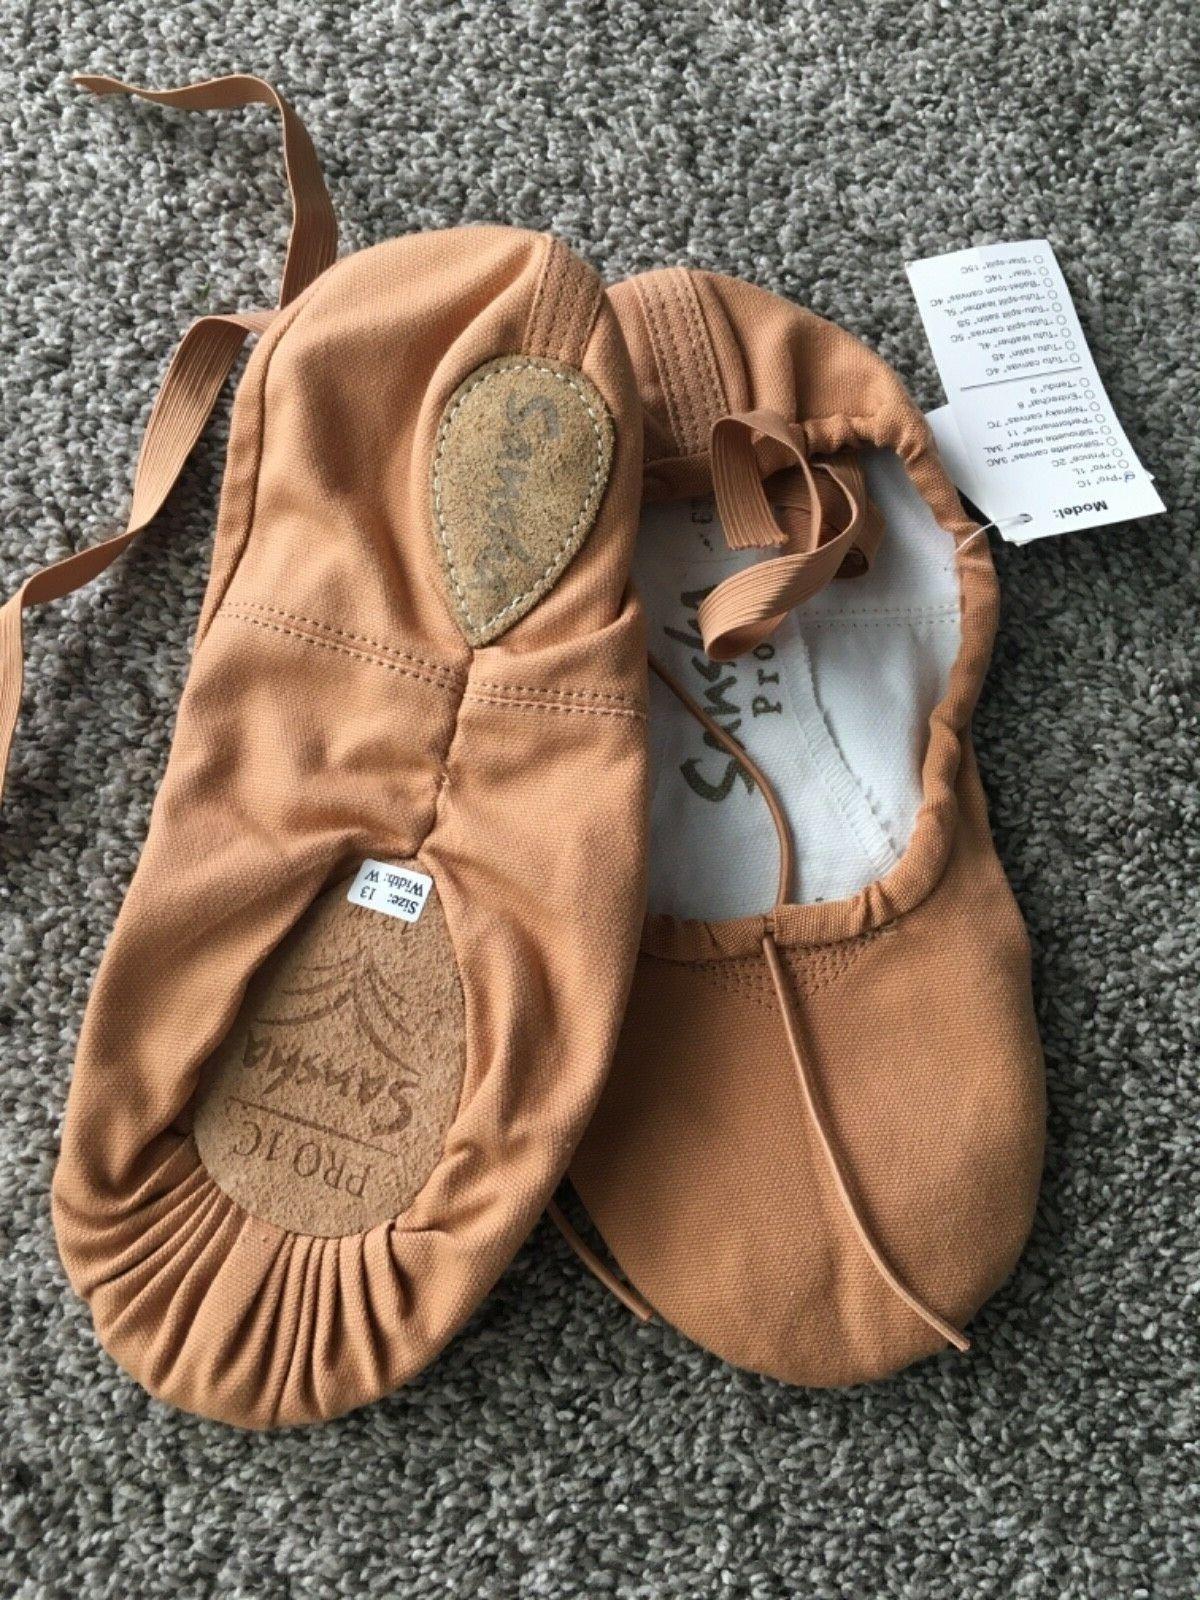 pro 1c mens ballet shoes size 13w